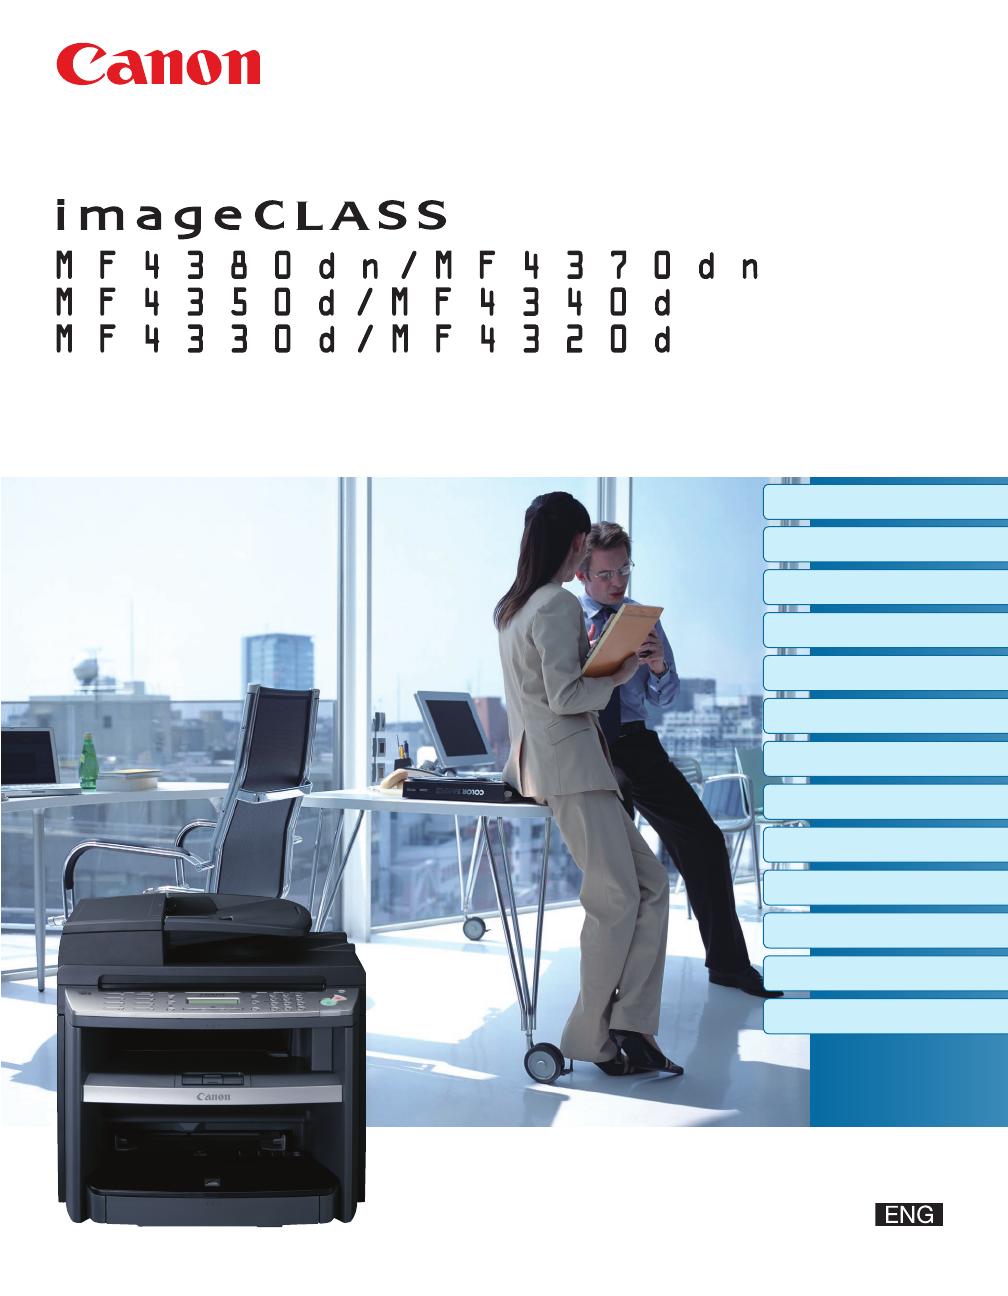 Canon imageclass mf4350d manual.